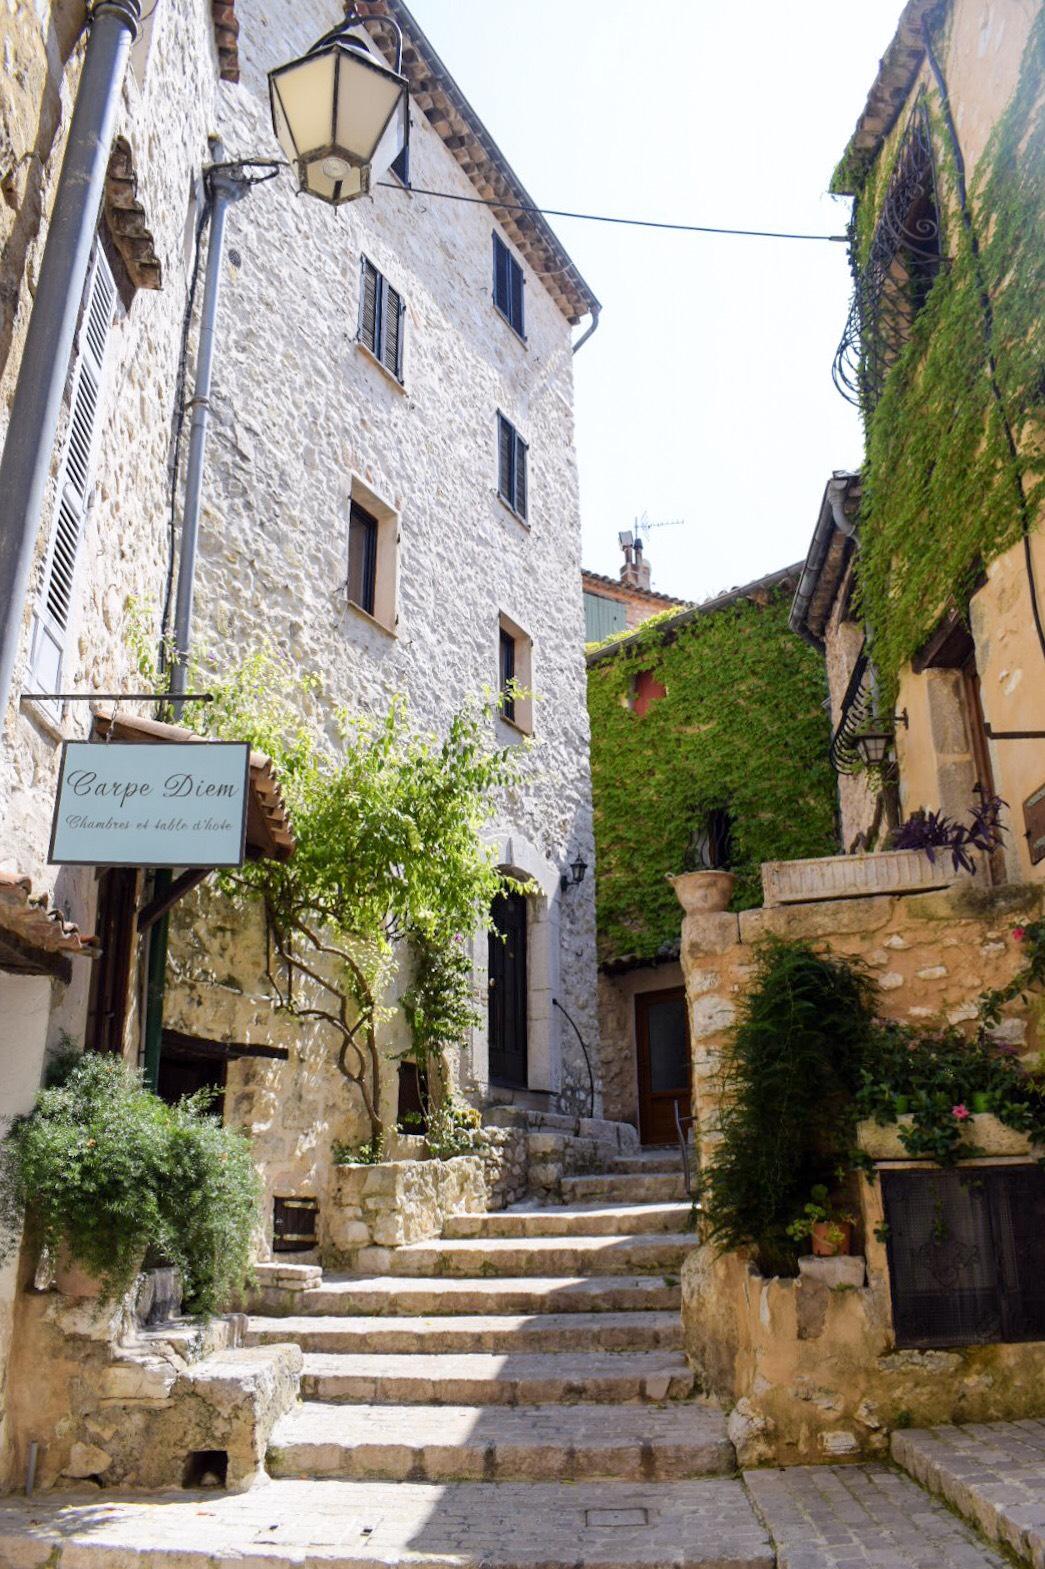 The Medieval Village of Tourrettes-Sur-Loup